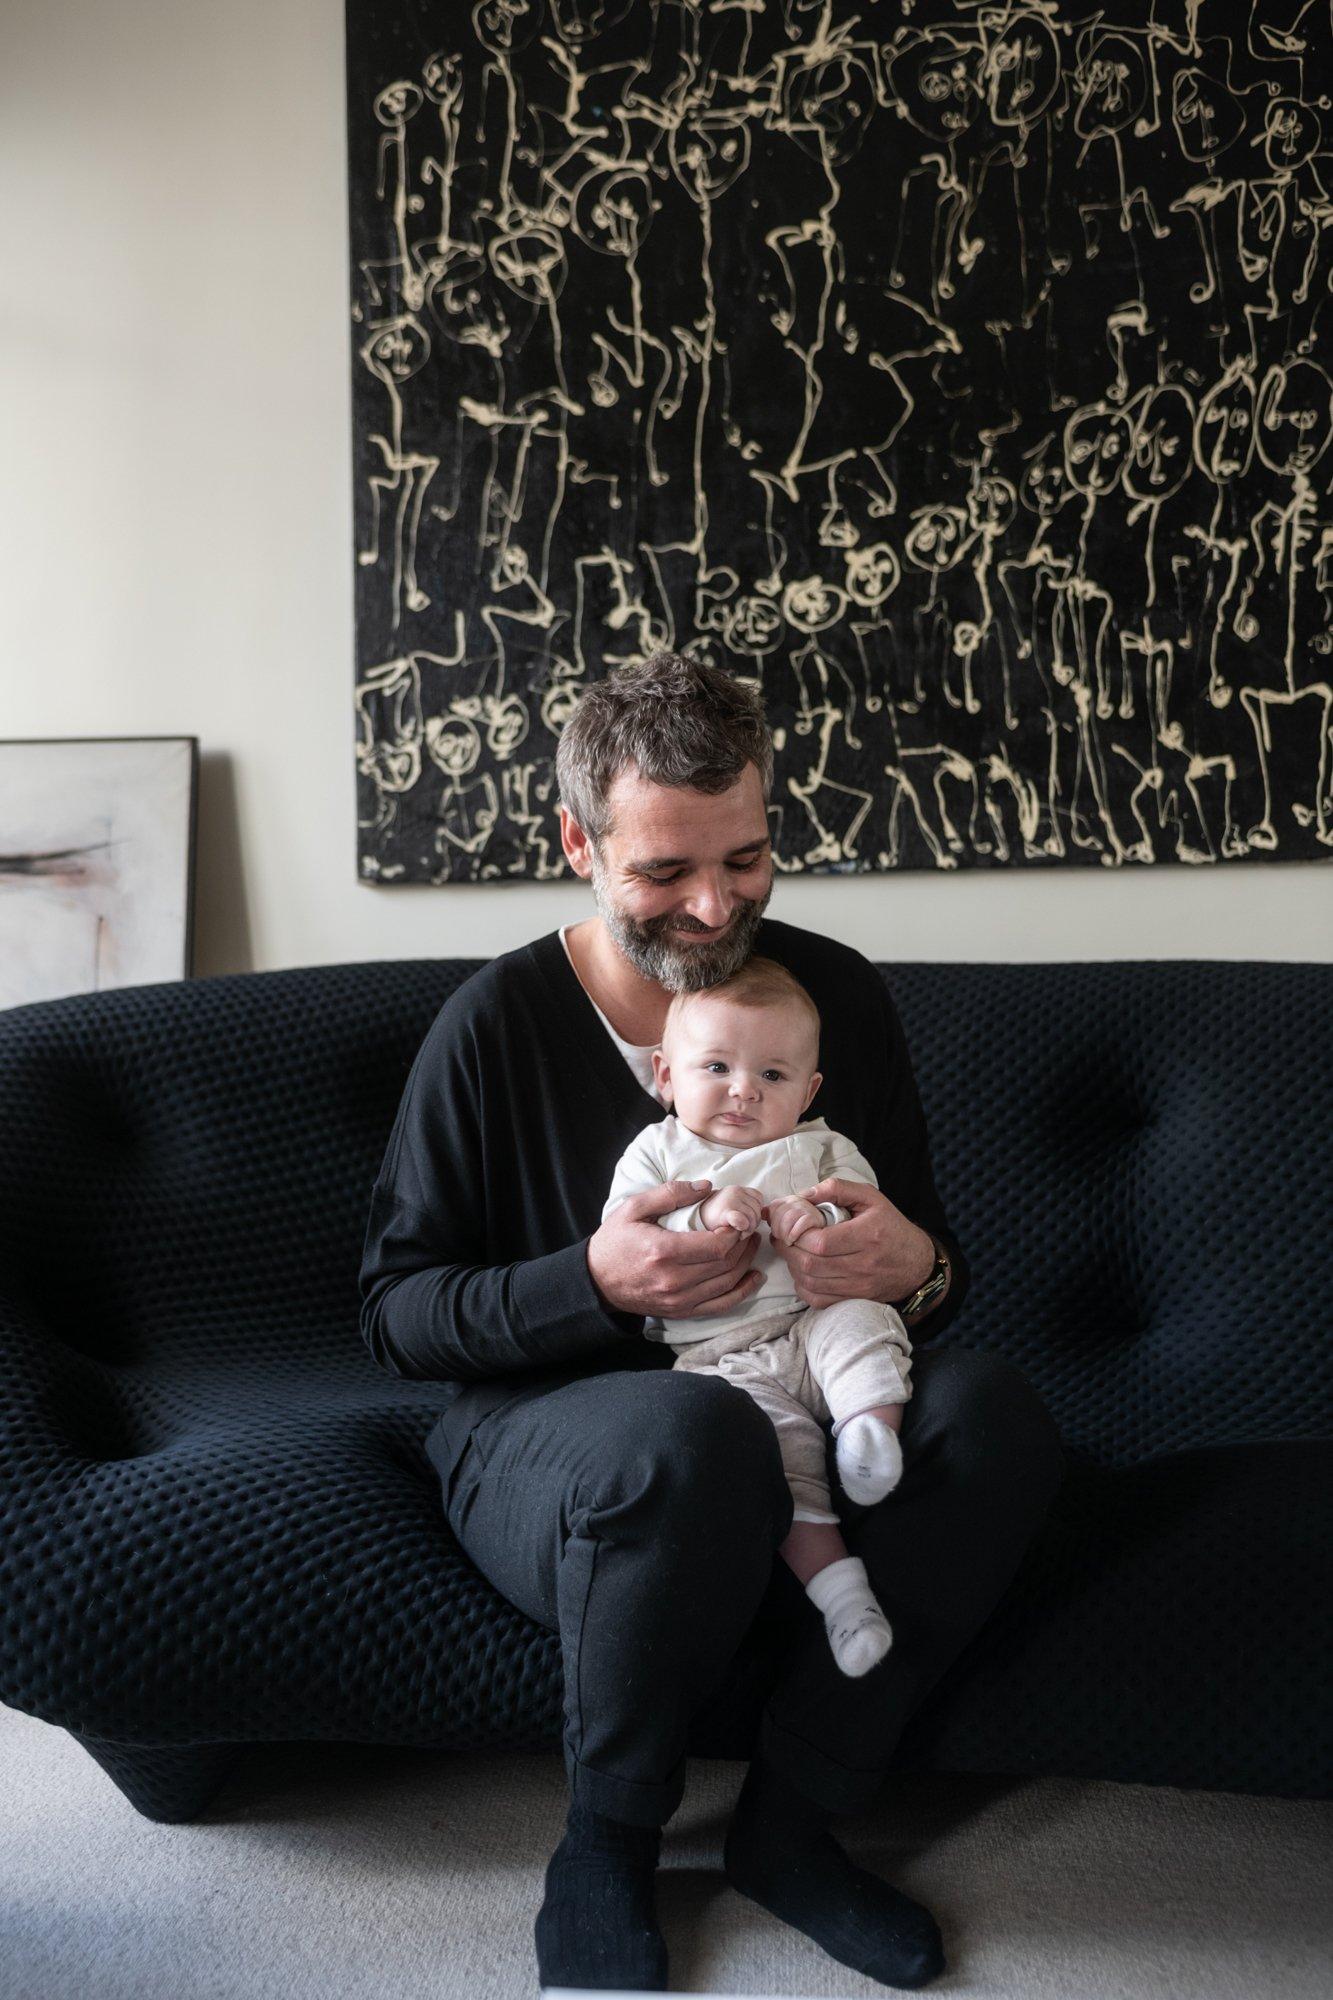 Salon Appartement Paris Fondateur Portrait Cliché Jean-Baptiste Martin Anne Sasha 5 mois